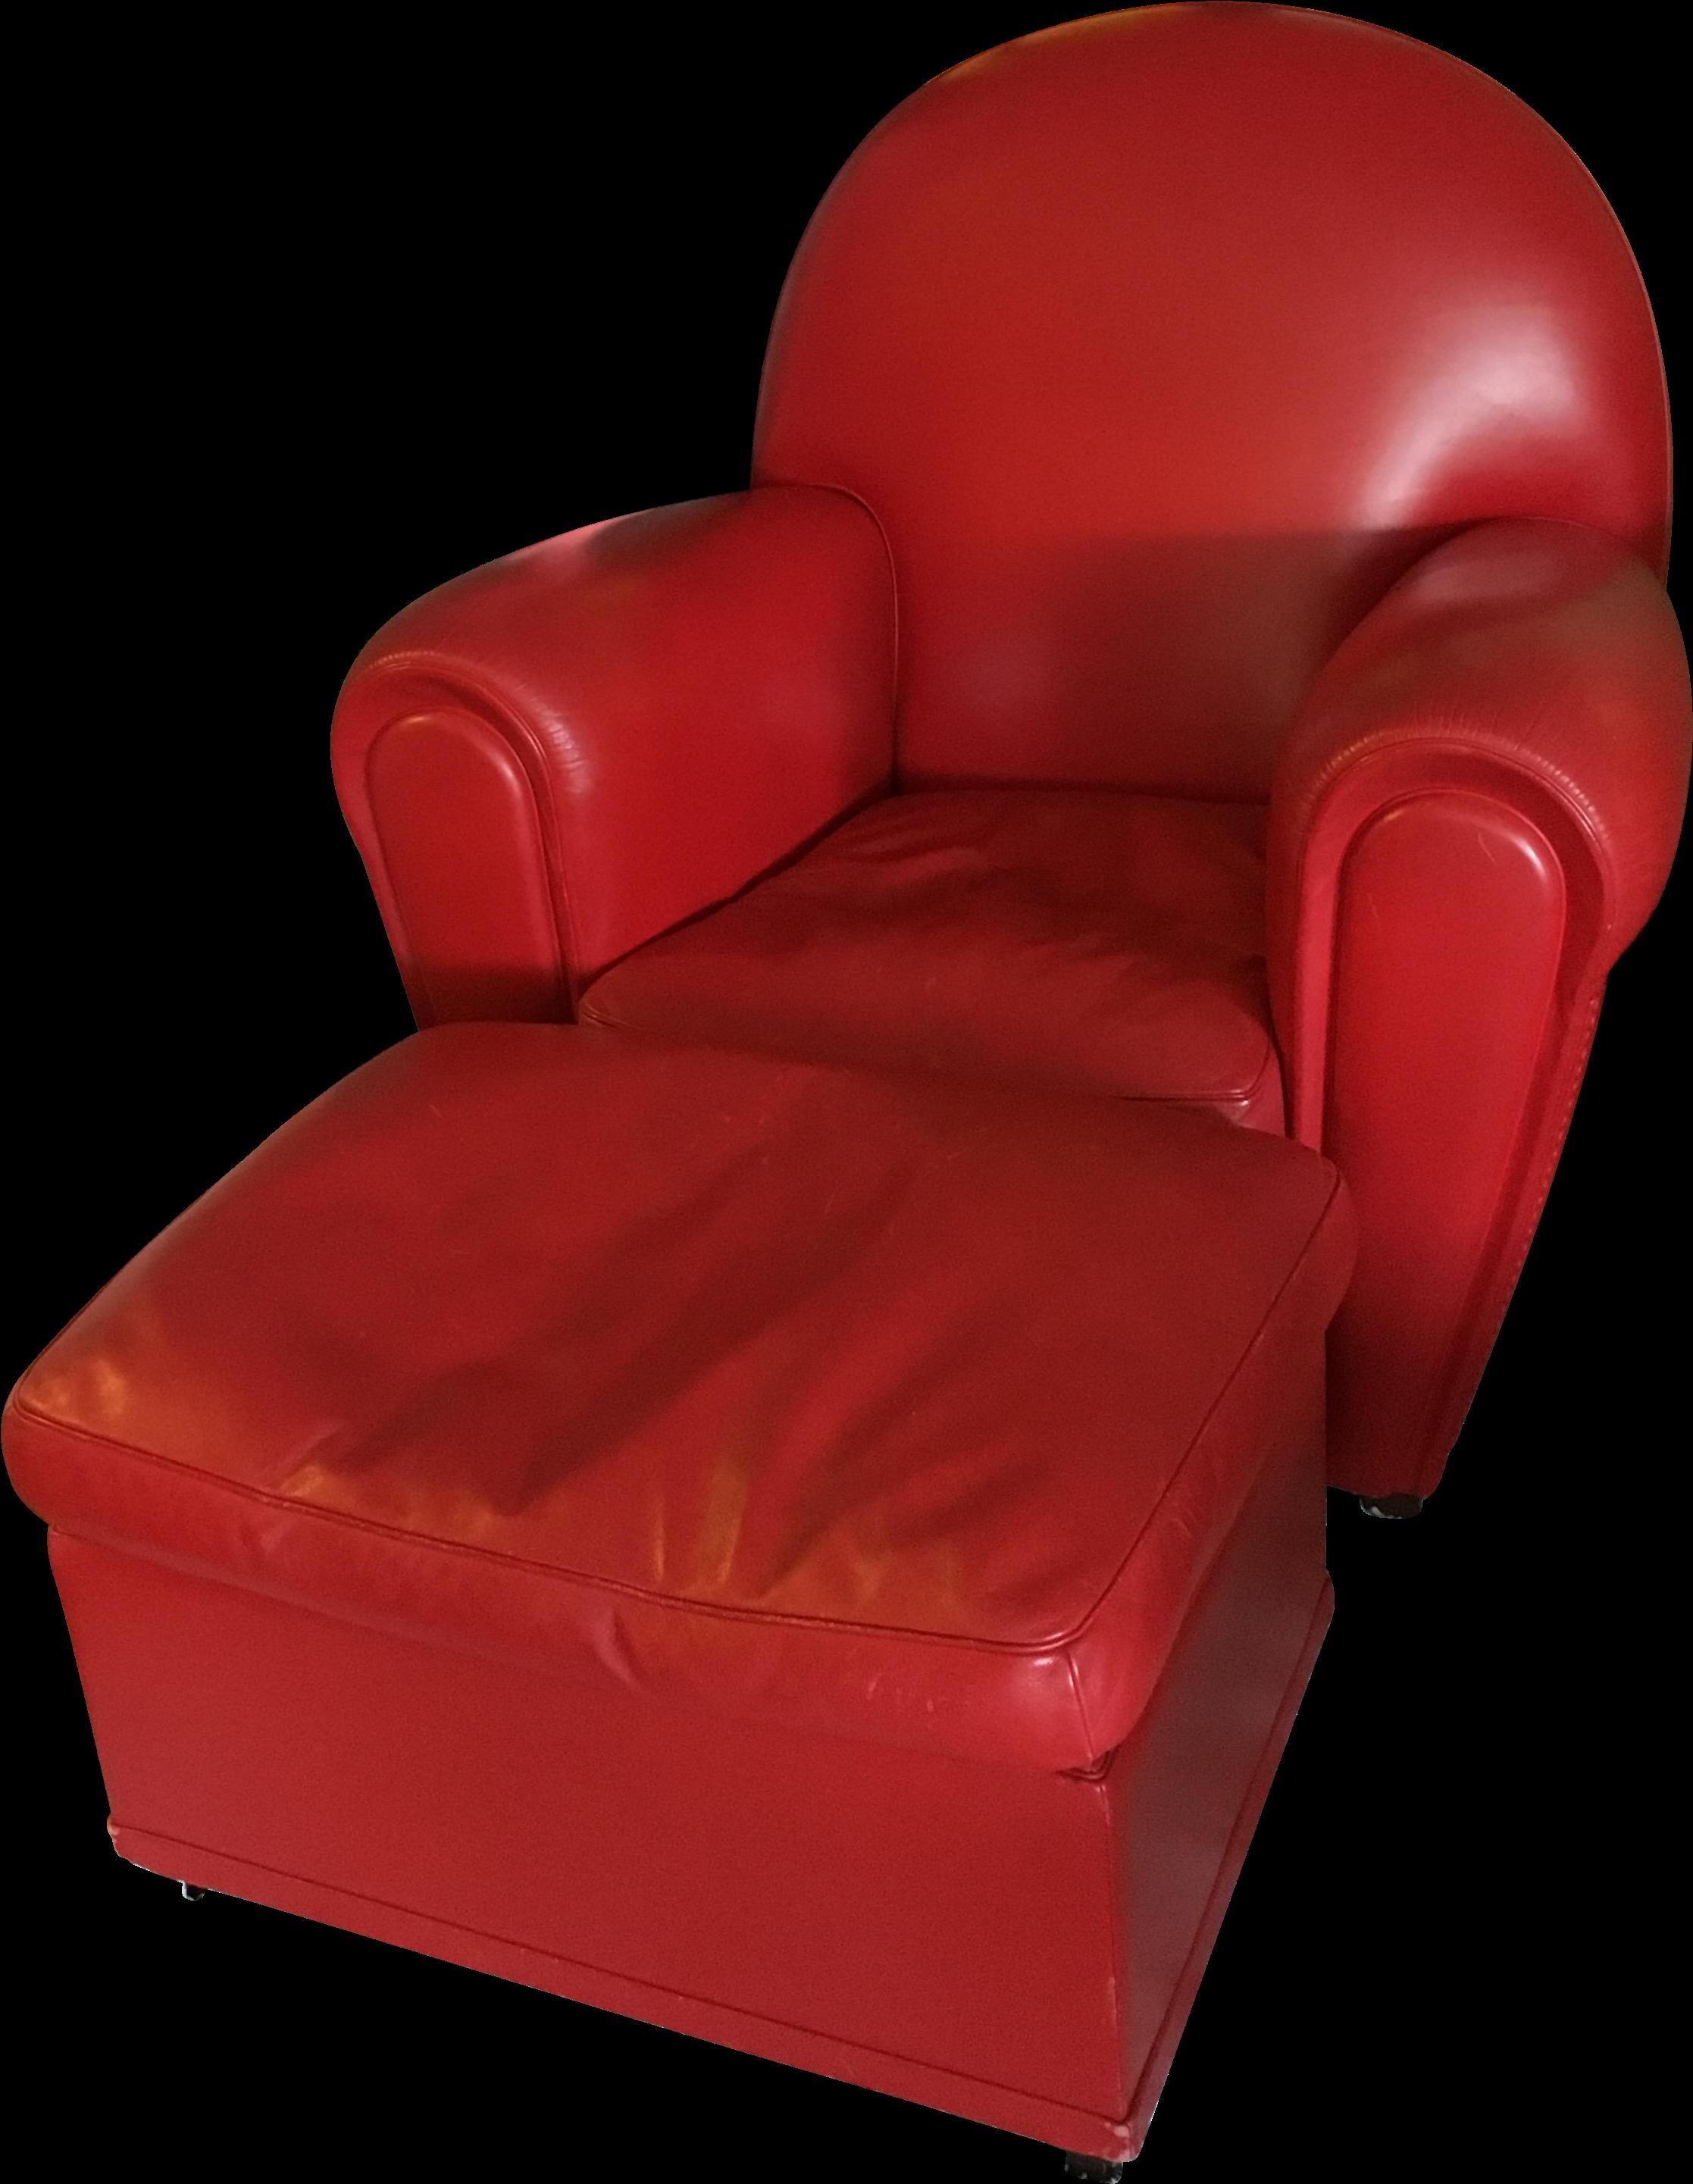 Poltrona Frau Vanity Fair Armchair And Ott Red Leather ...